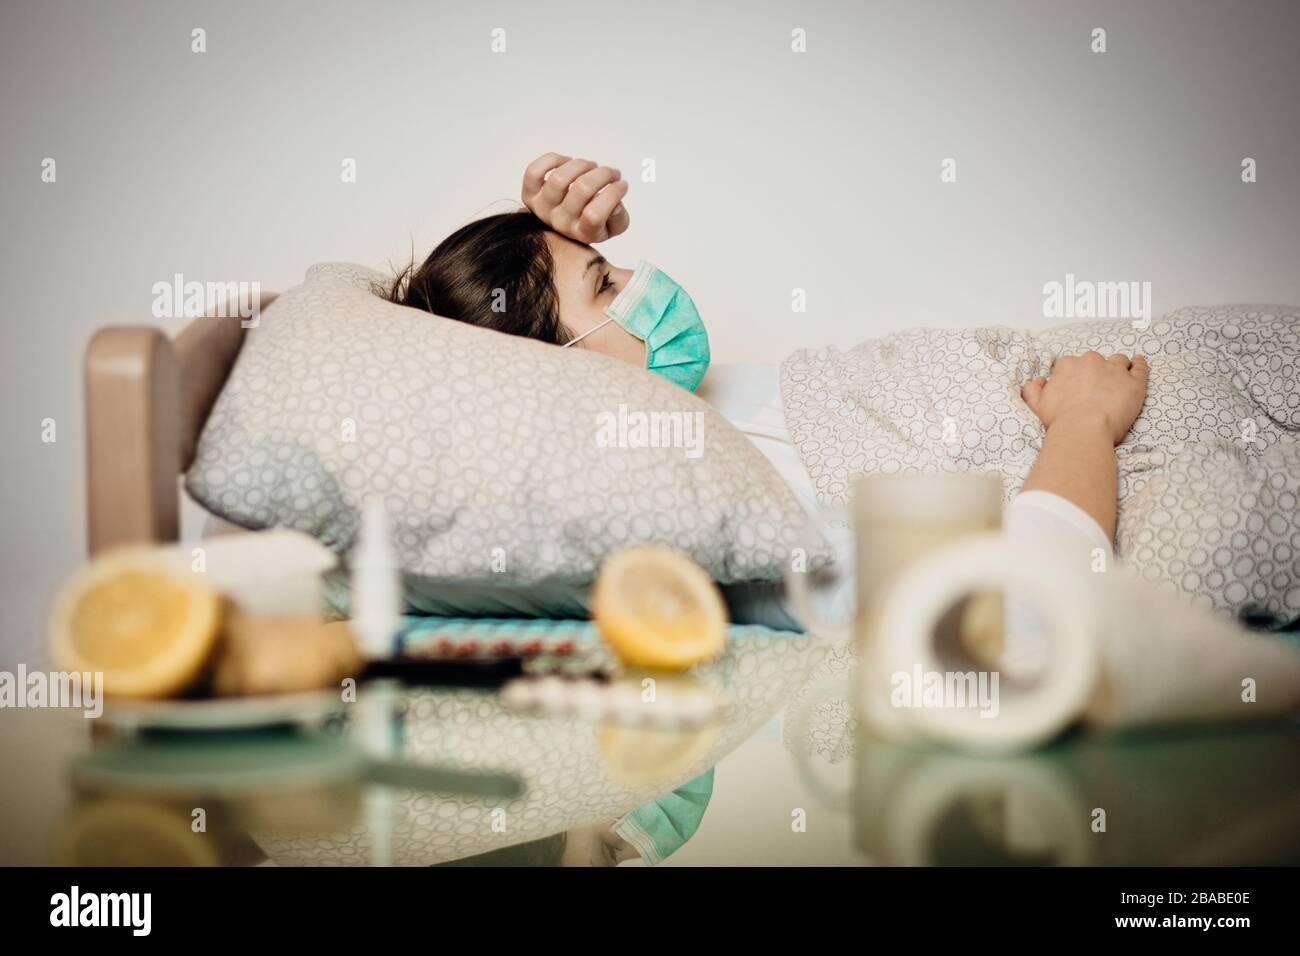 Mujer enferma con mascarilla en cama de cuarentena autoaislamiento.Coronavirus Covid-19 paciente con neumonía enfermedad síntomas.Prevención y tratamiento de la salud Foto de stock